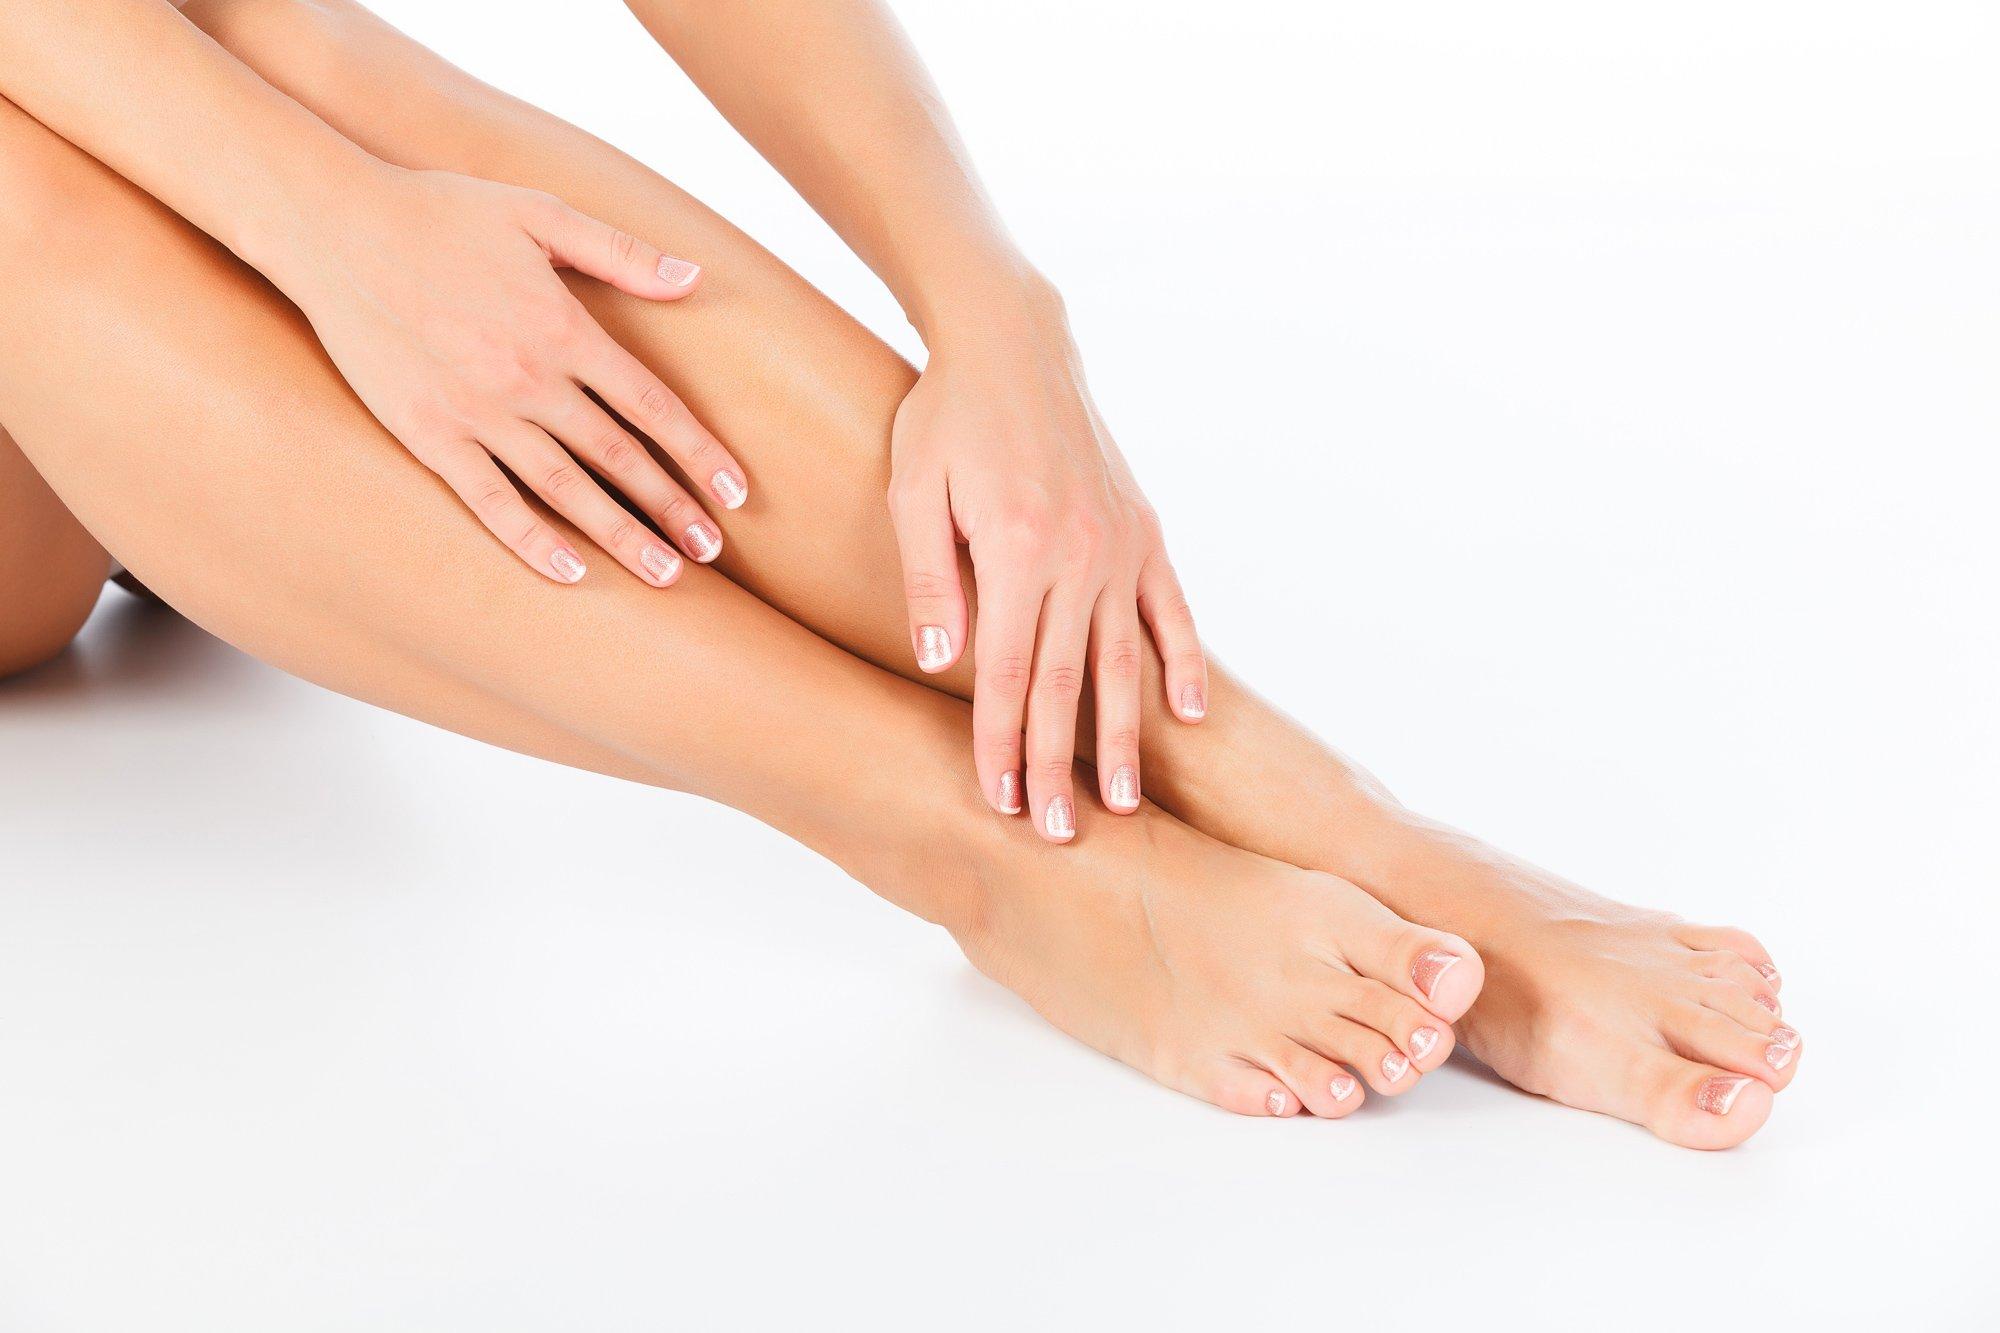 mani e piedi trattati da manicure e pedicure